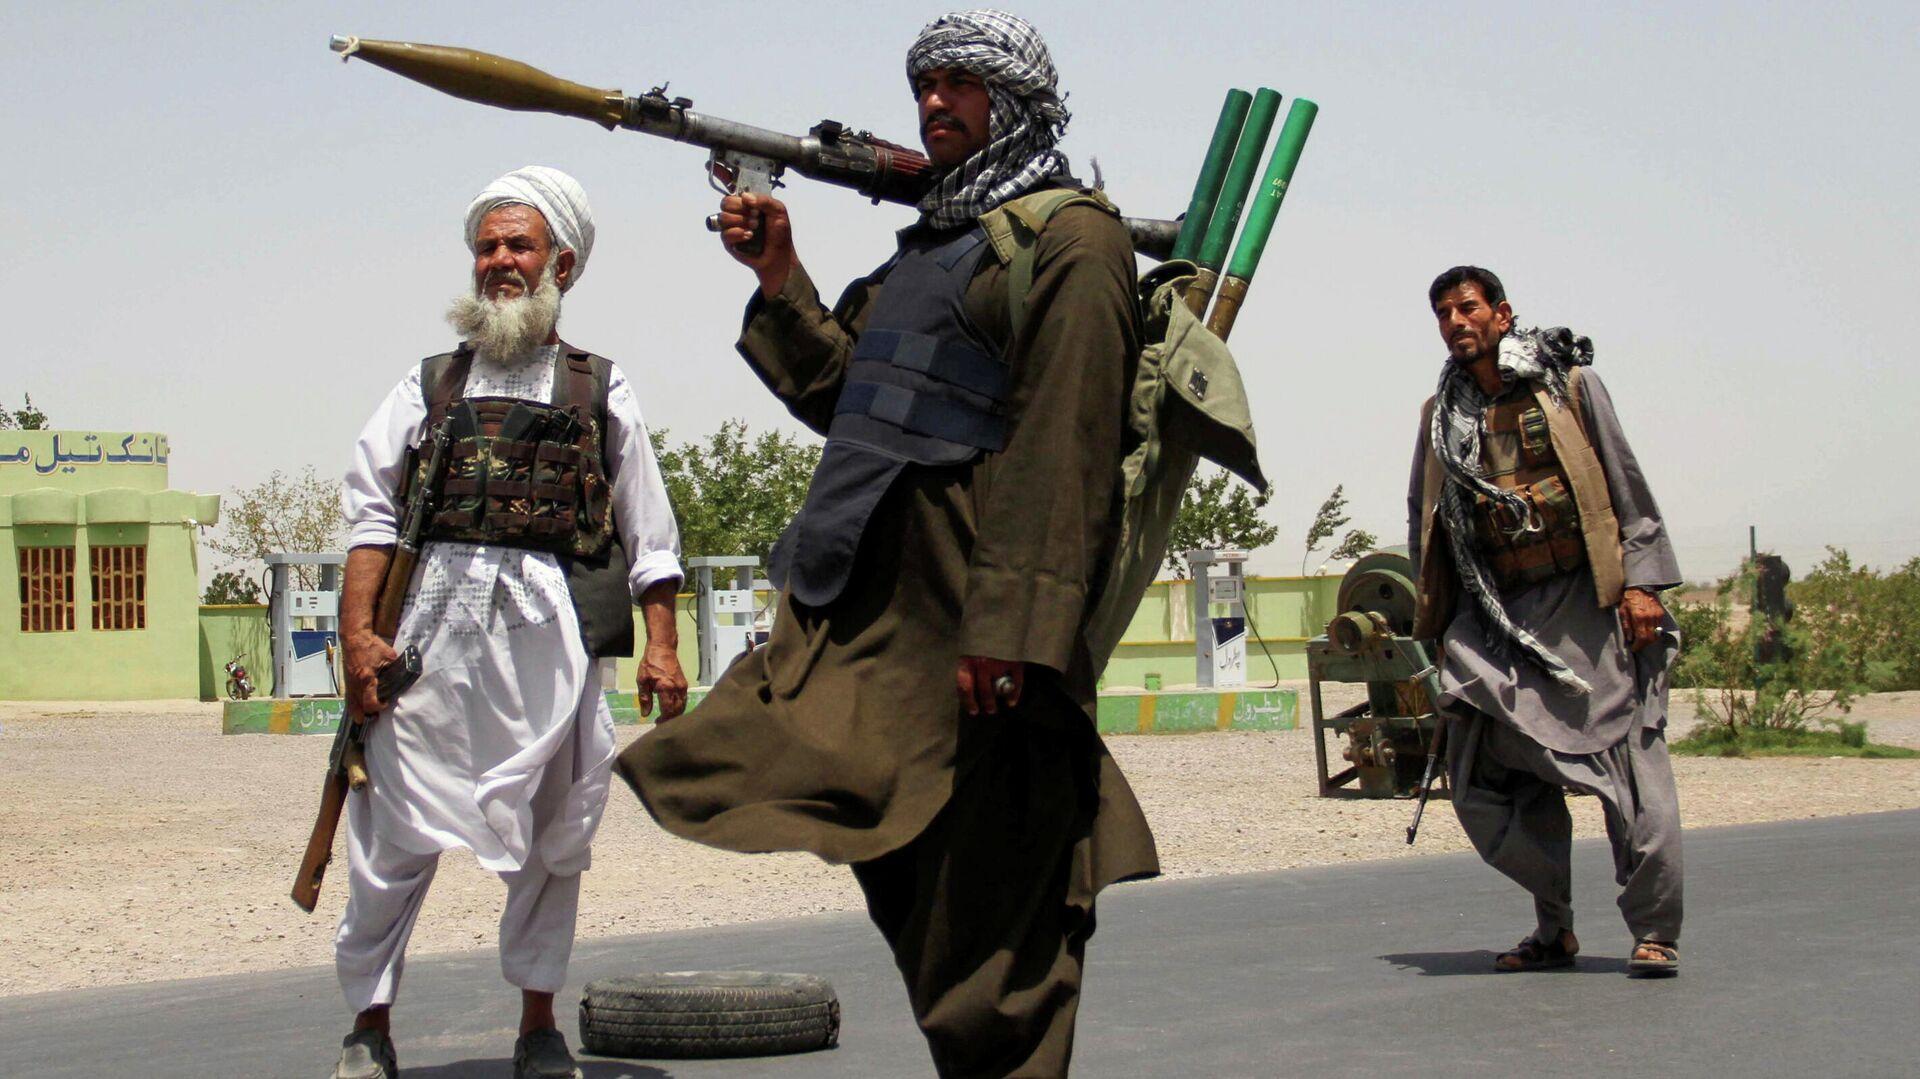 Excombatientes muyahidines durante los enfrentamientos contra los talibanes en Afganistán, el 10 de julio de 2021 - Sputnik Mundo, 1920, 11.07.2021